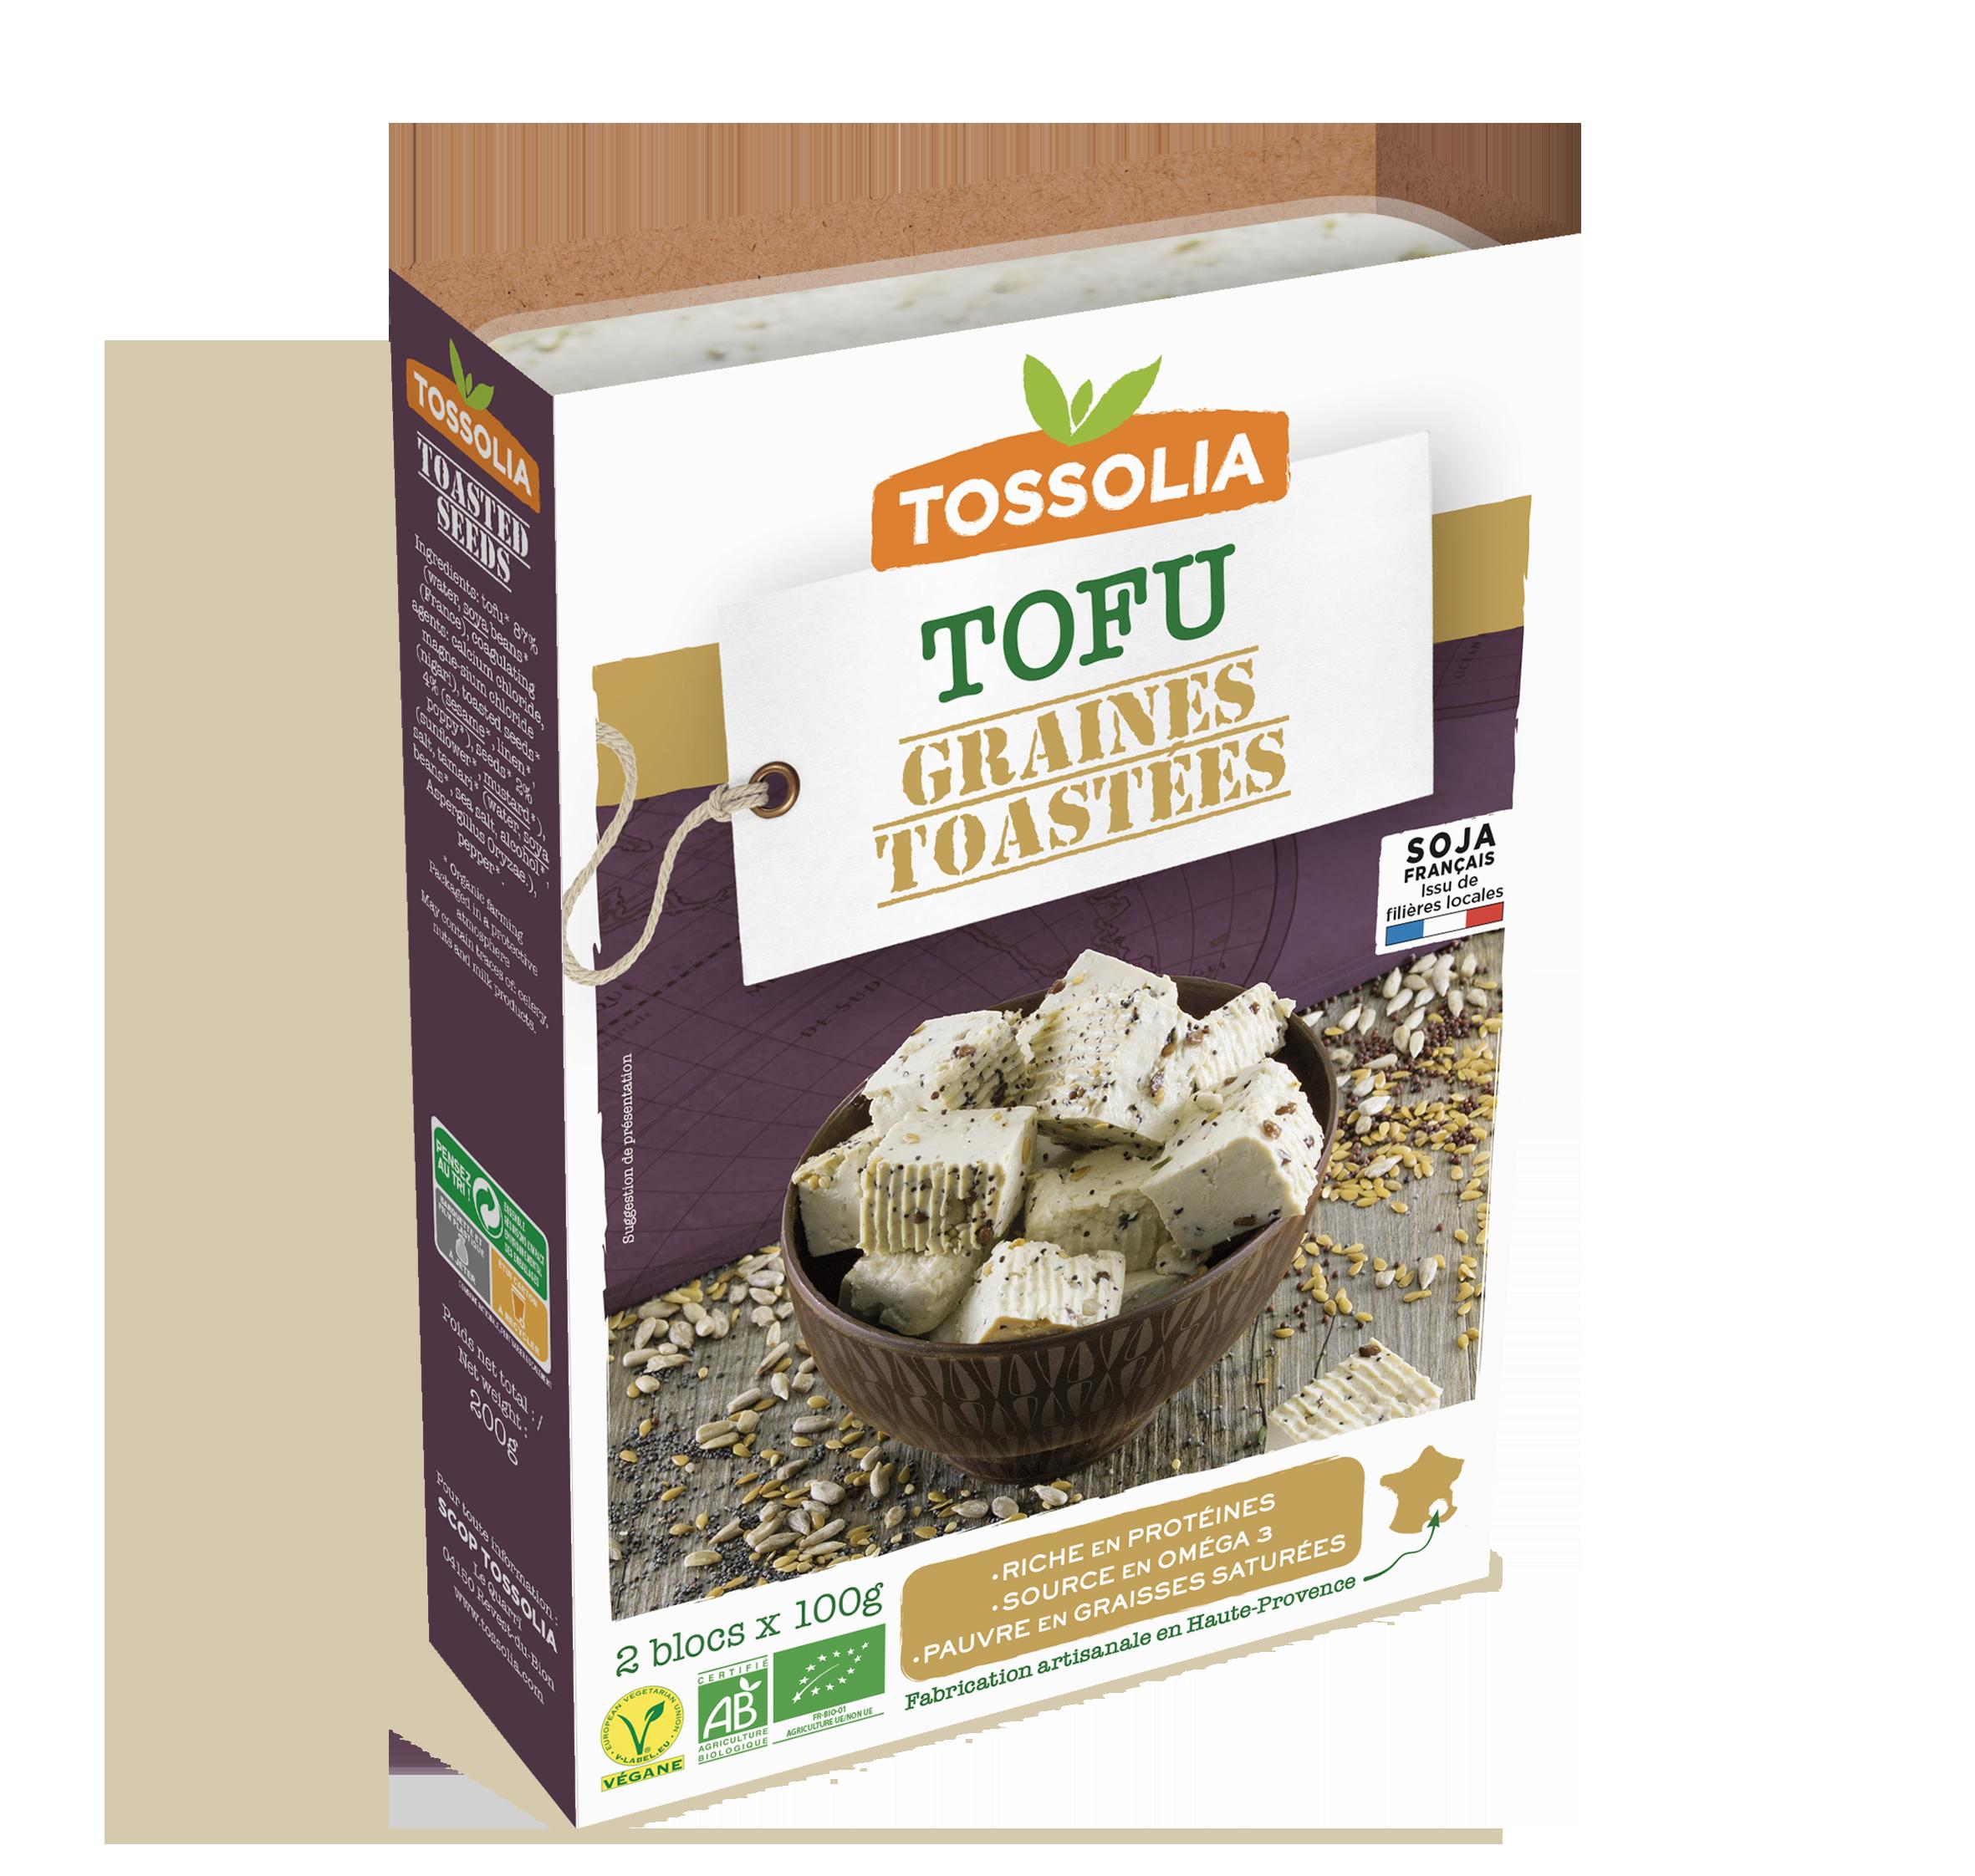 Tofu graines toastées